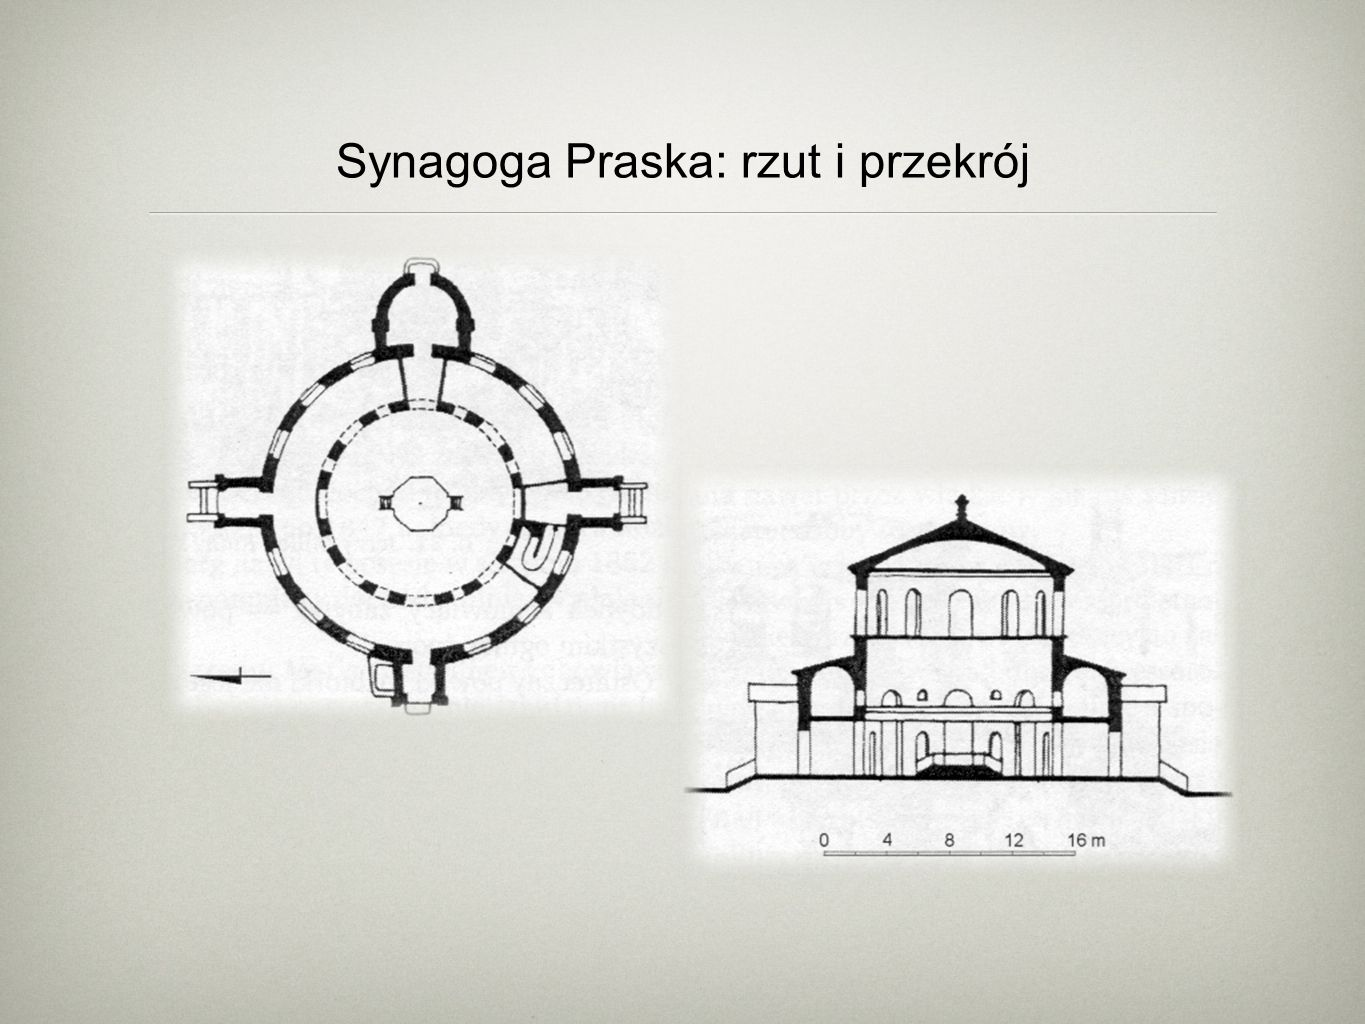 Synagoga Praska: rzut i przekrój